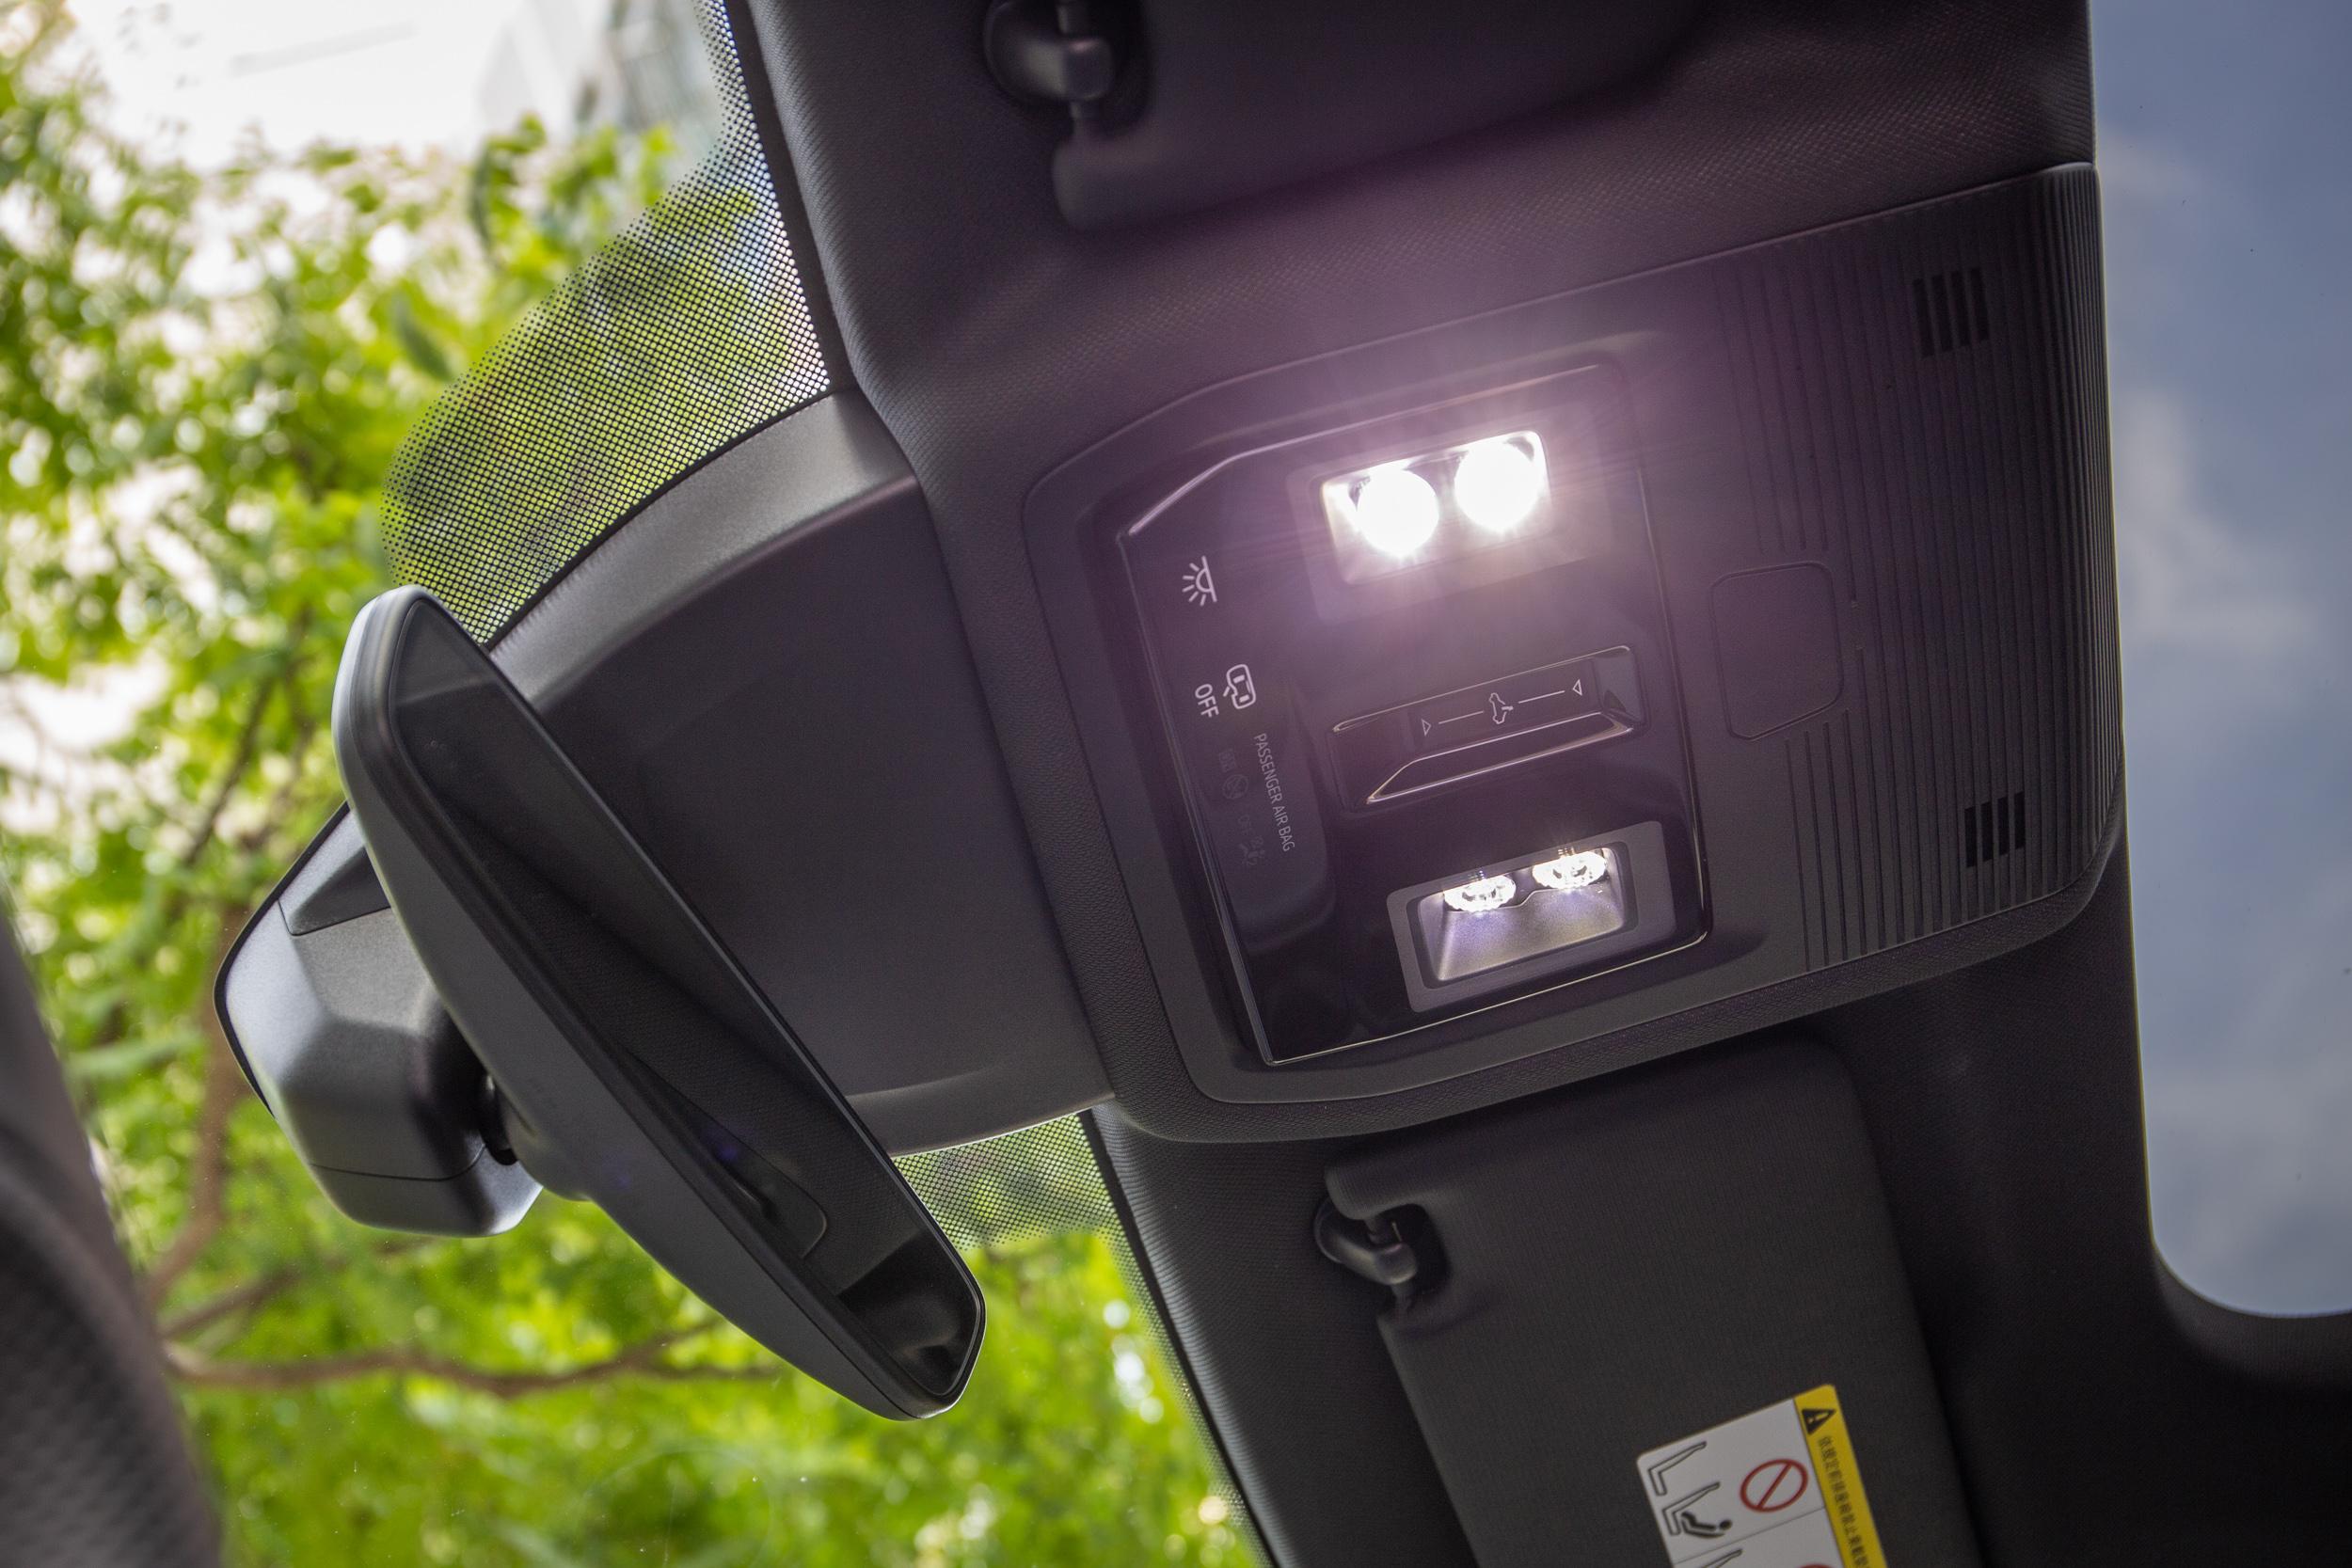 天窗與車內燈開關都是觸控式。